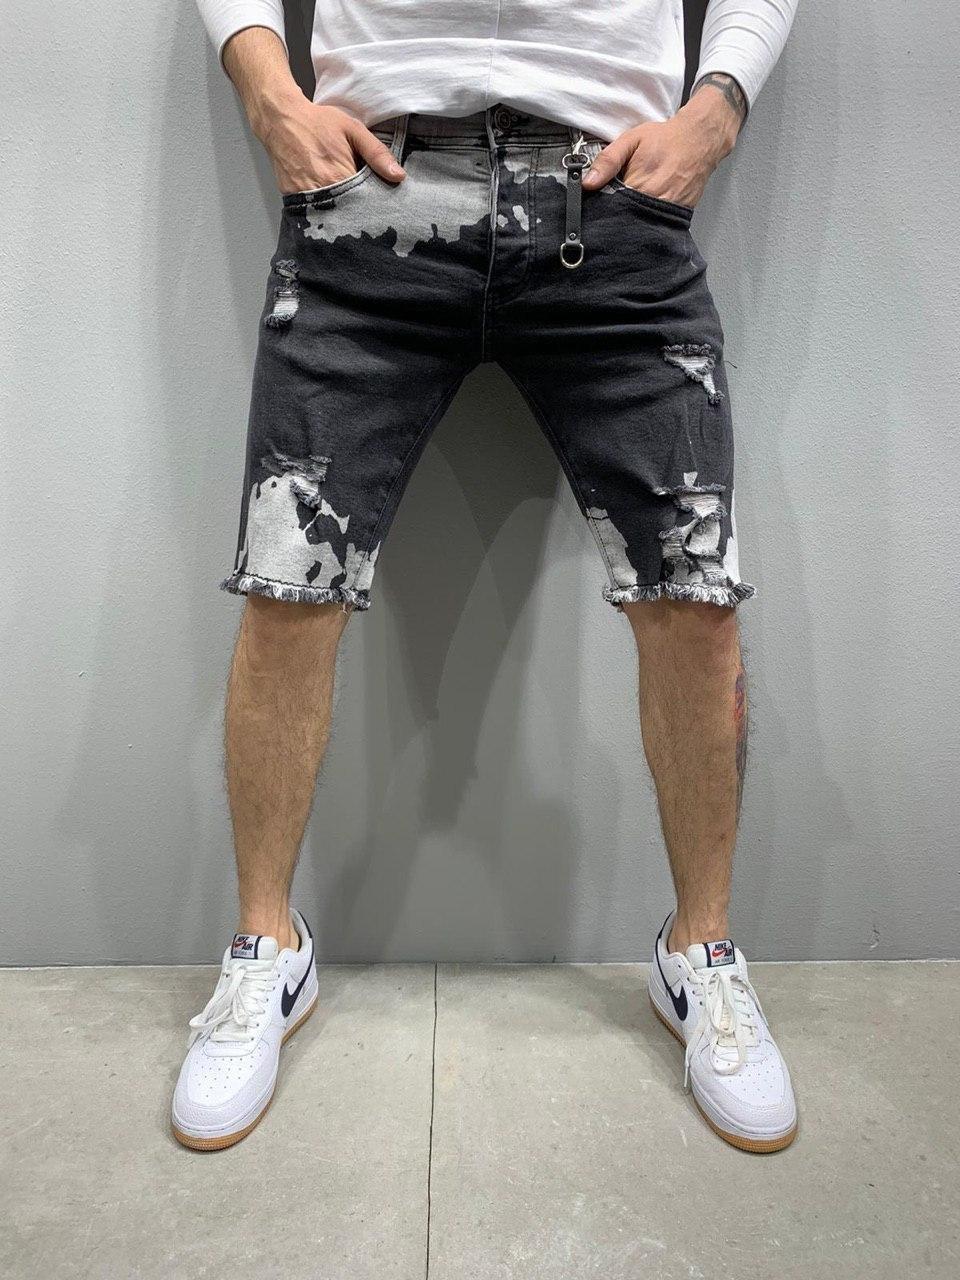 😜 Шорты - Мужские стильные (черные) шорты люкс качества